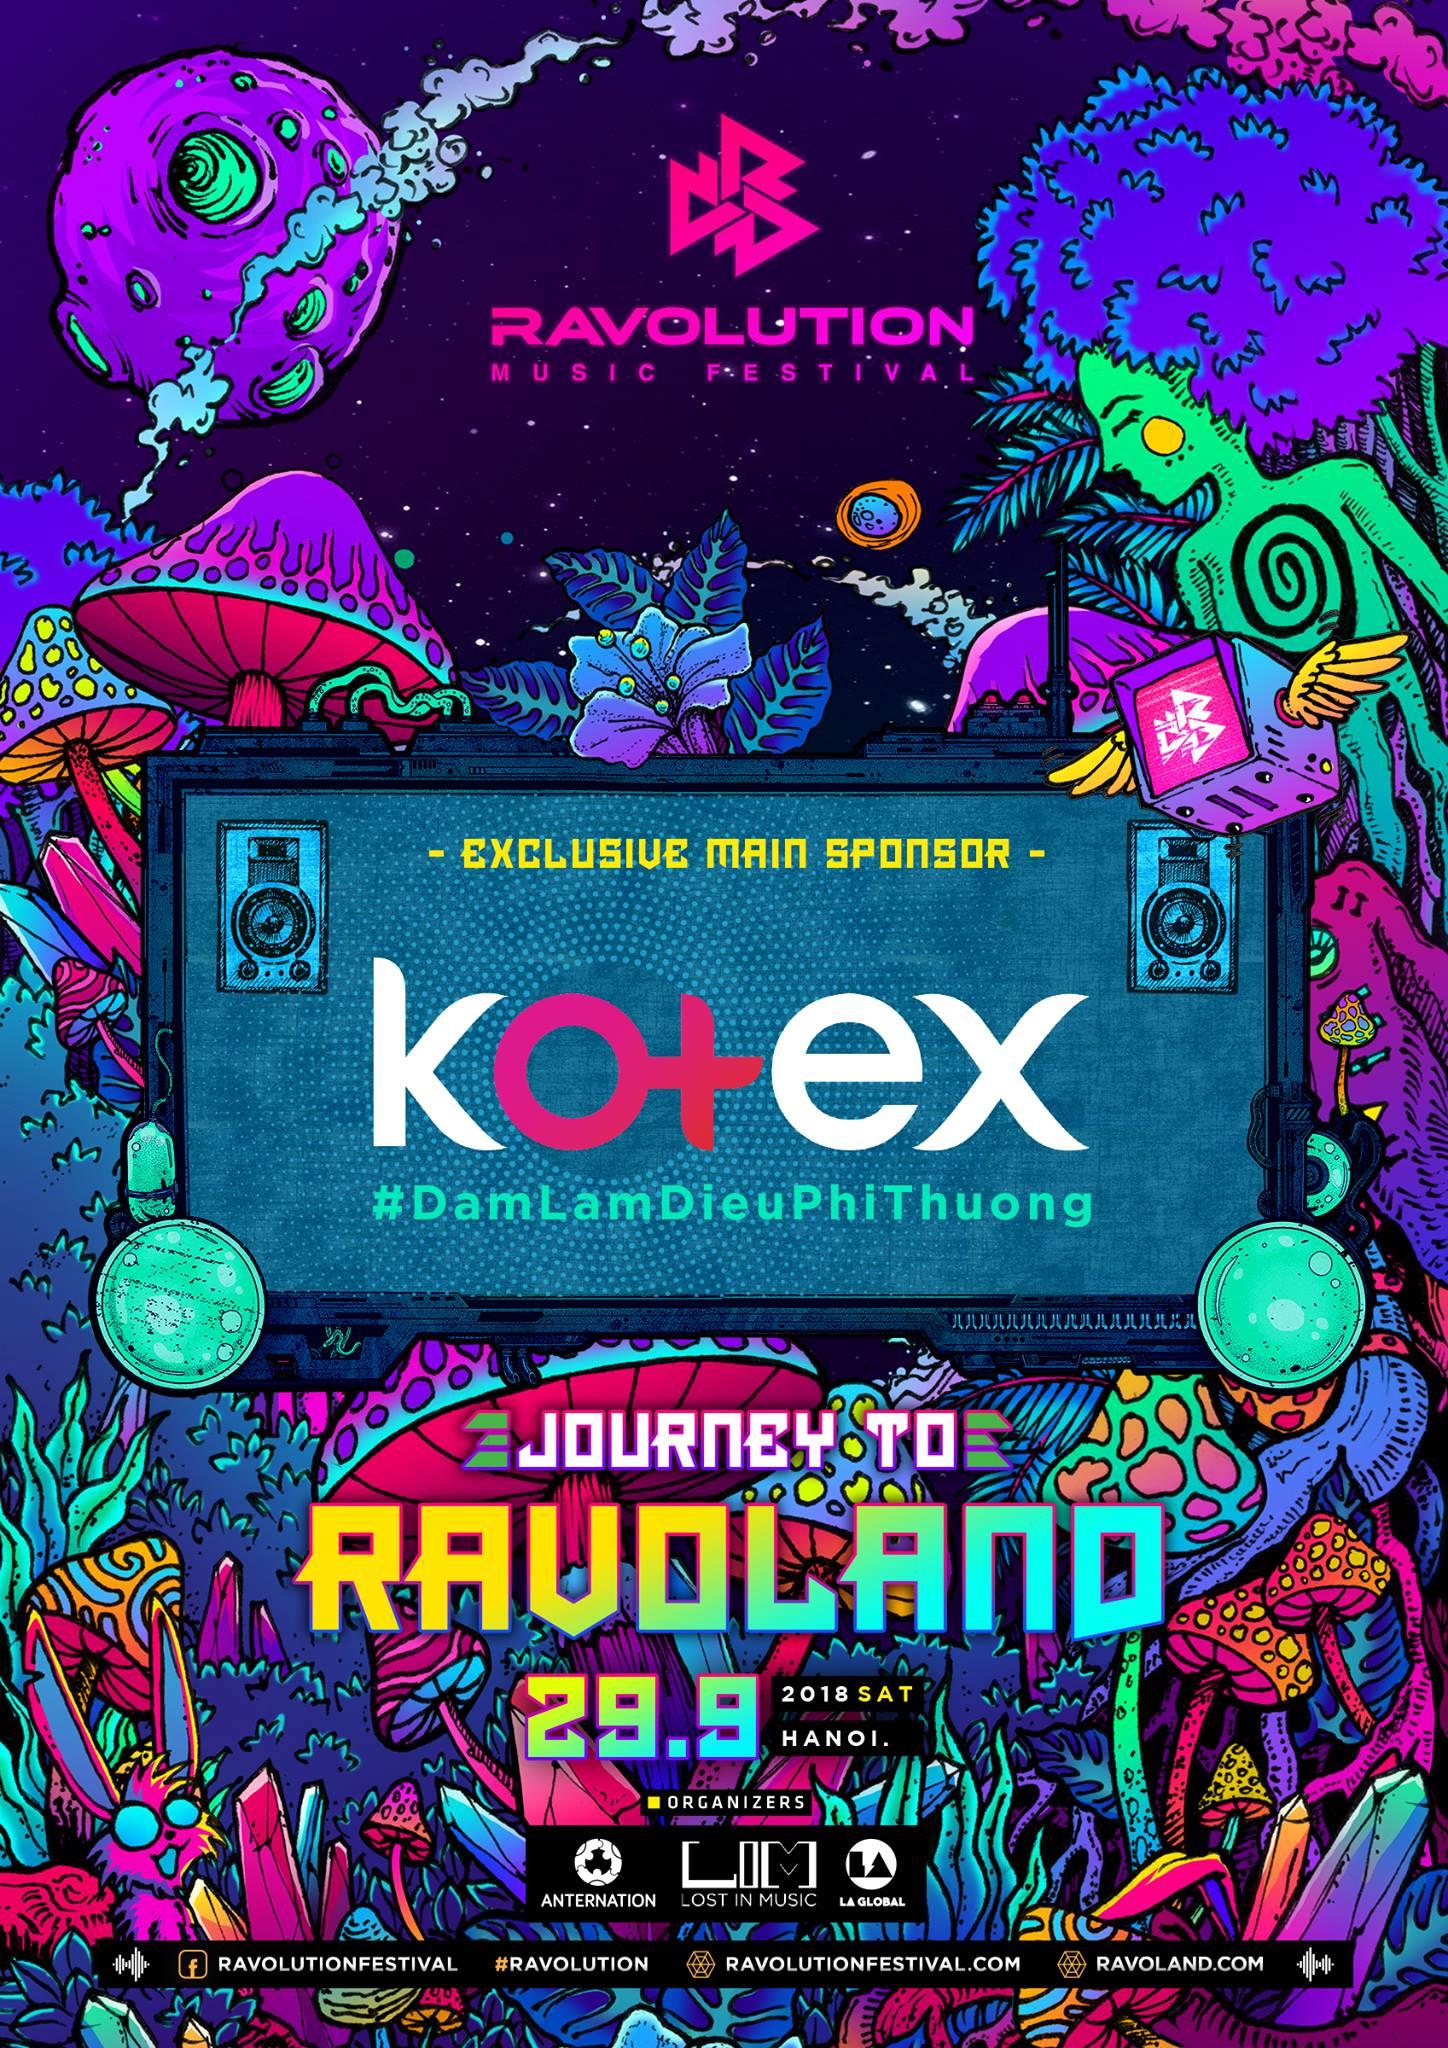 Kotex truyền cảm hứng tới các ravers nữ trong chuỗi sự kiện Road To Ravolution tại 2 thành phố lớn - Ảnh 1.